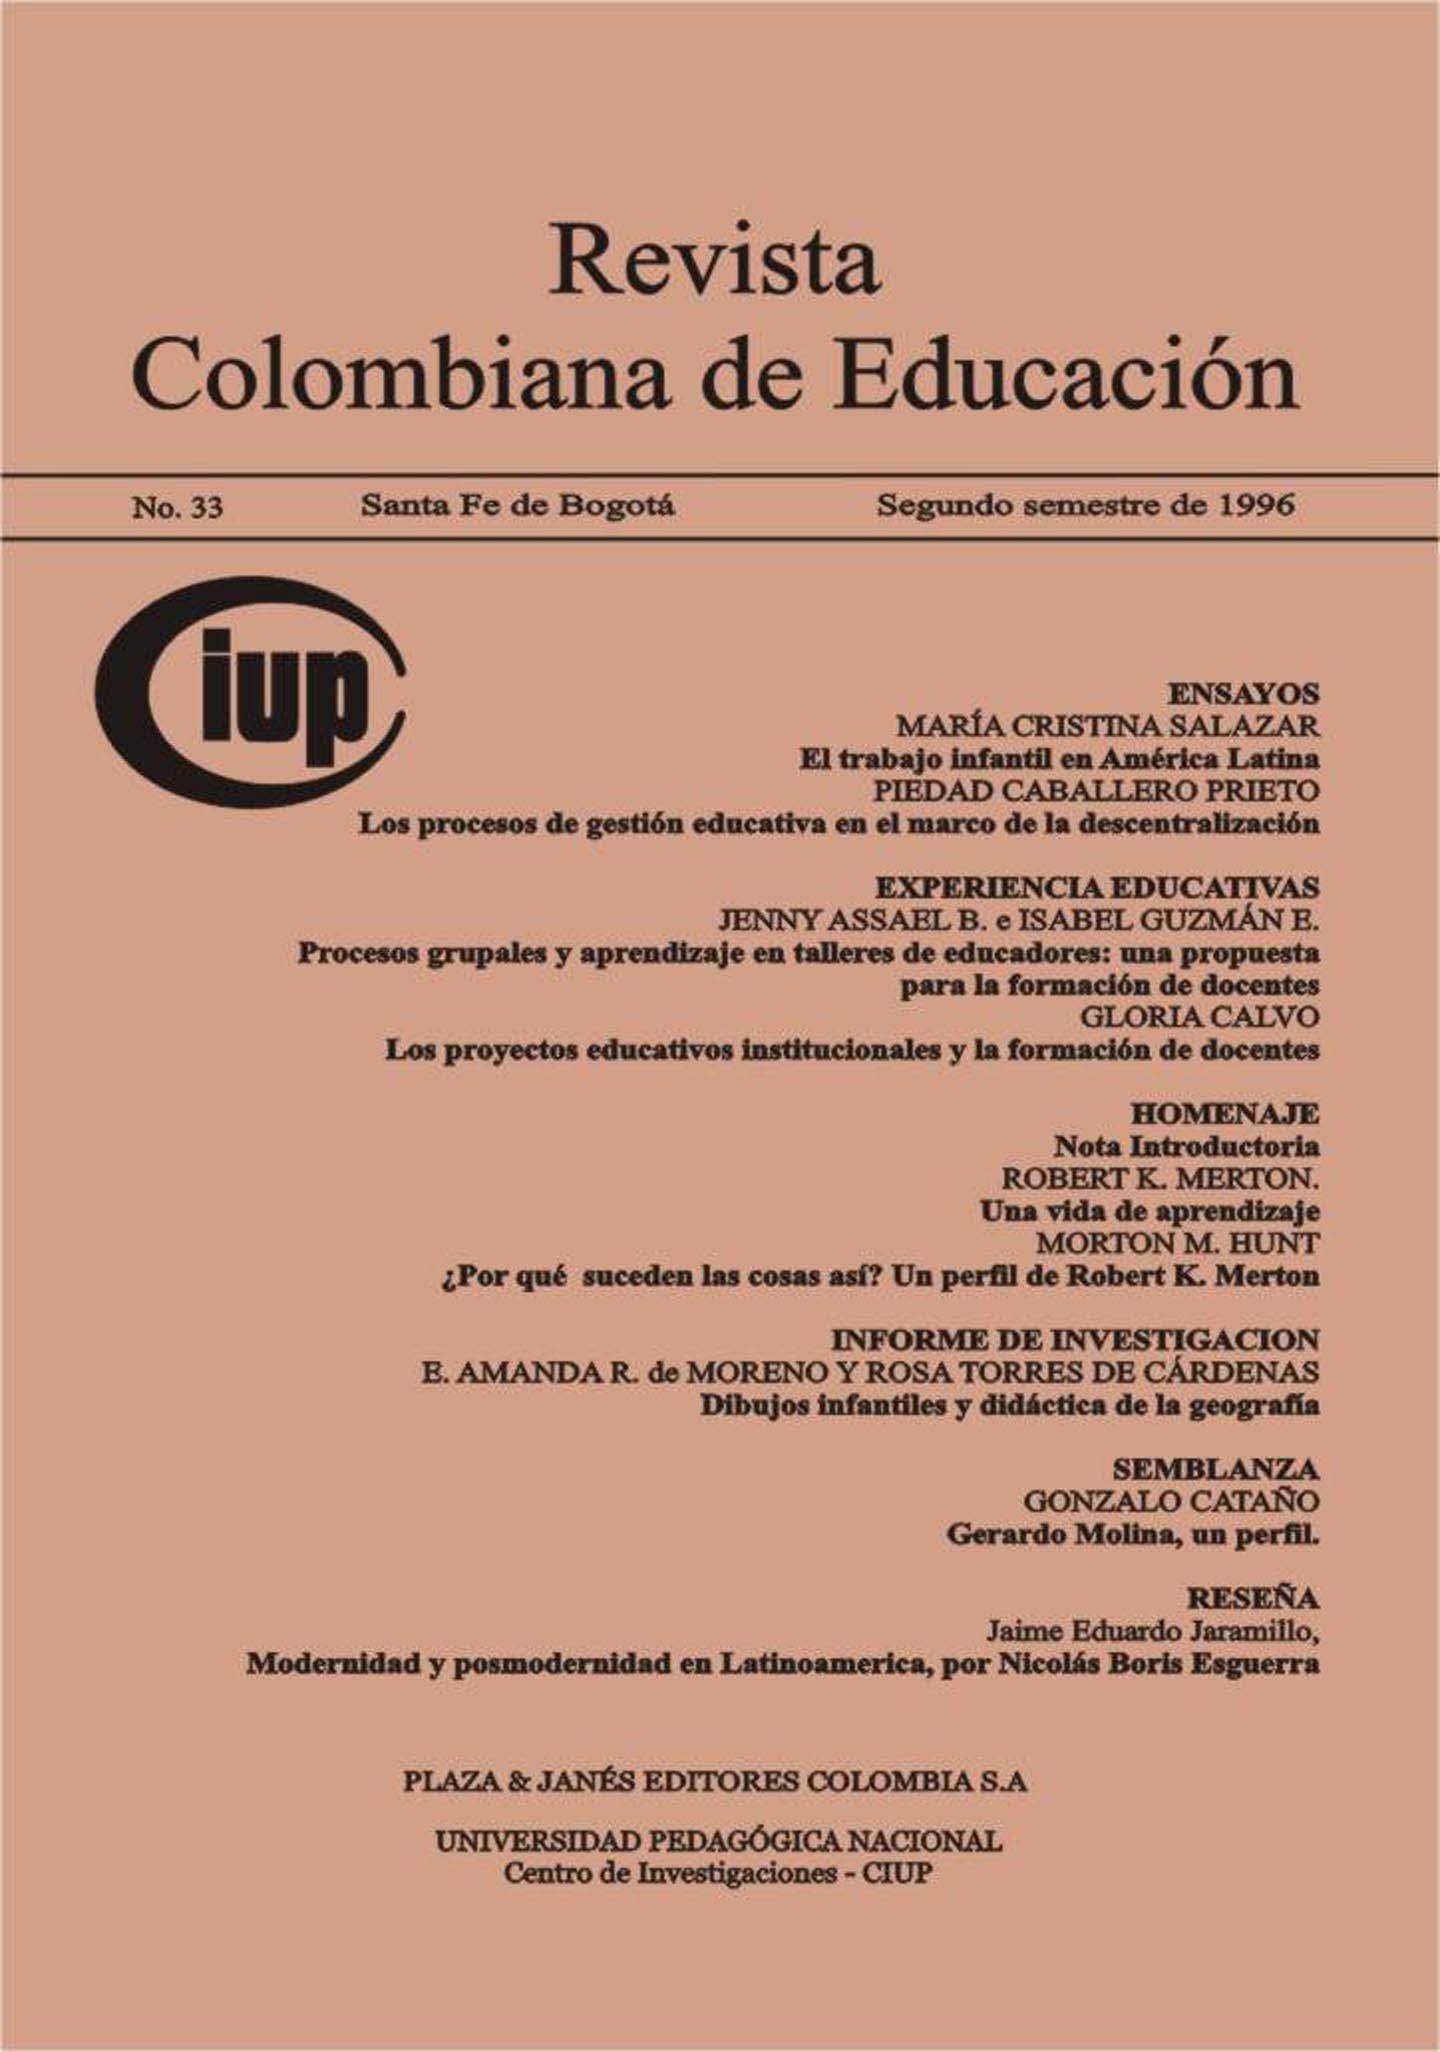 El trabajo infantil en América Latina | Revista Colombiana de Educación